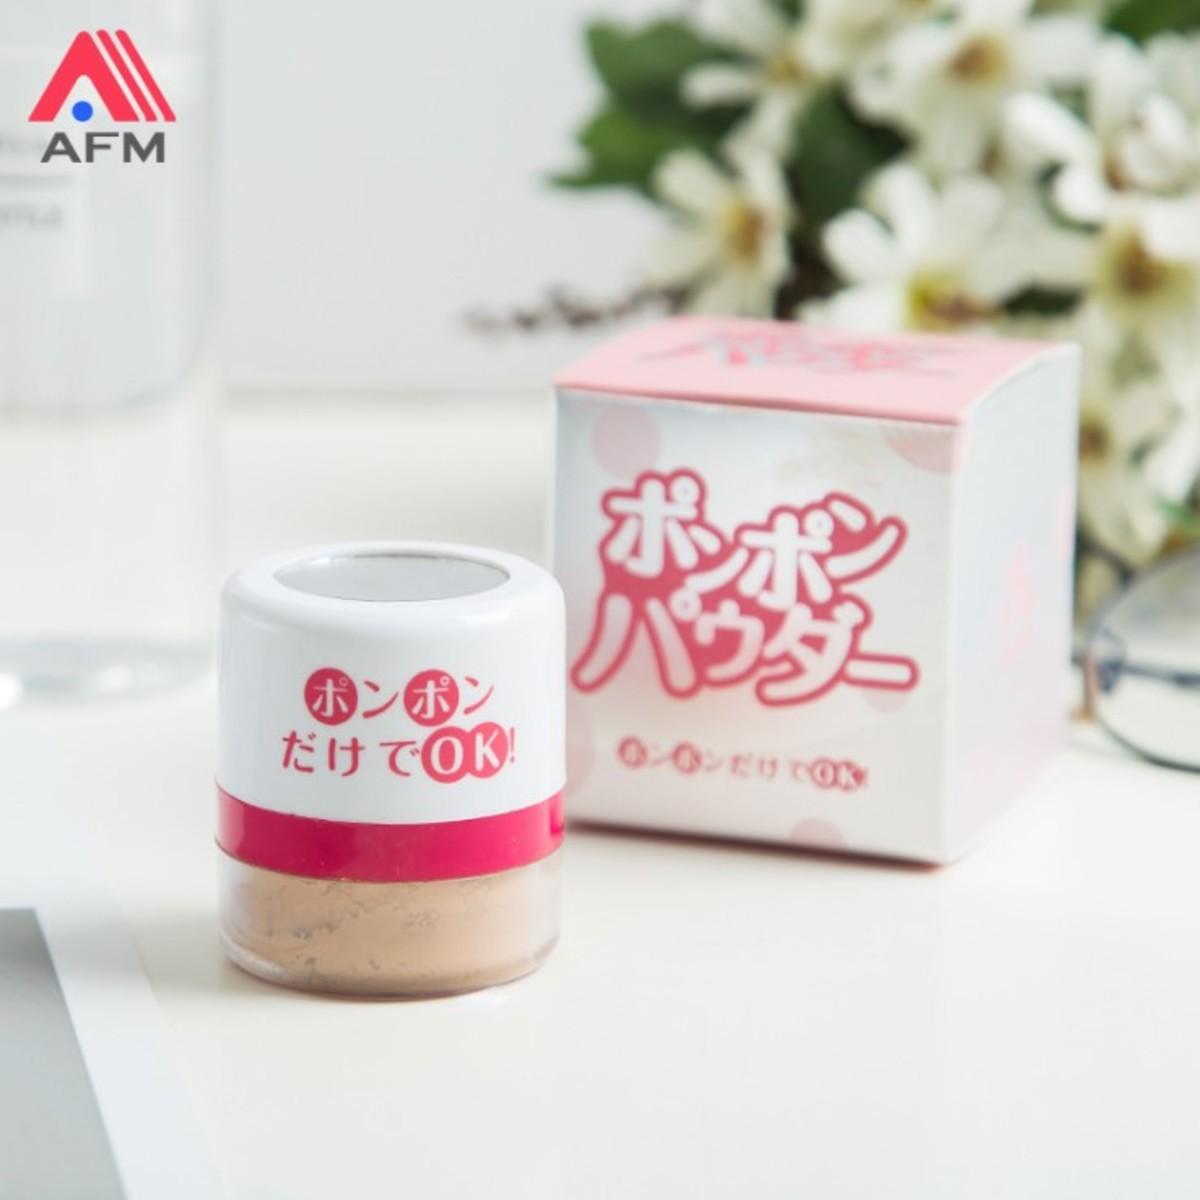 AFM自然造型頭髮去油蓬鬆粉10g